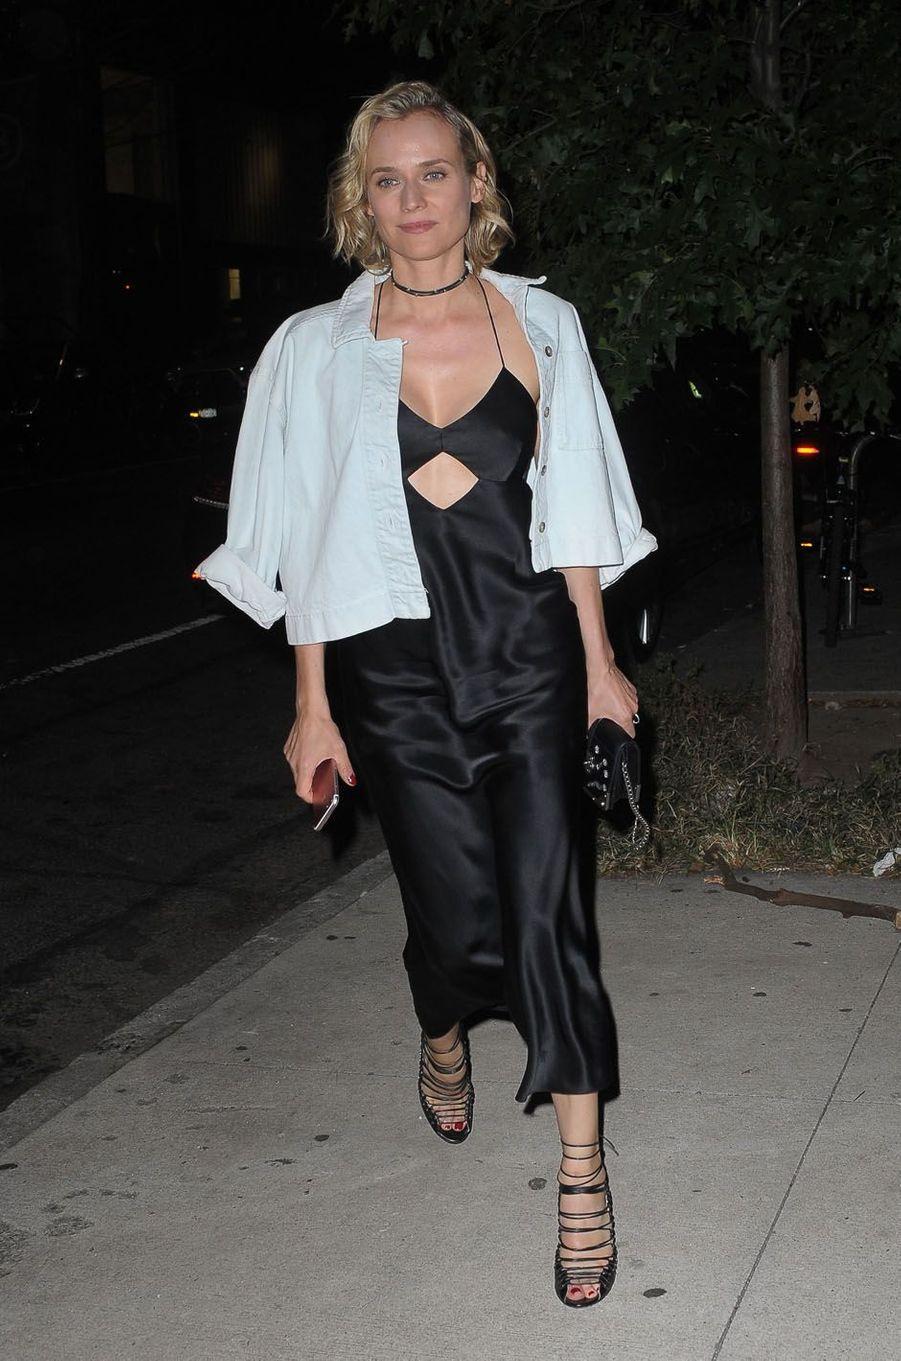 Diane Krugerlors de la fête de fiançailles de Quentin Tarantino et Daniella Pick, le 23 septembre 2017 à New York.